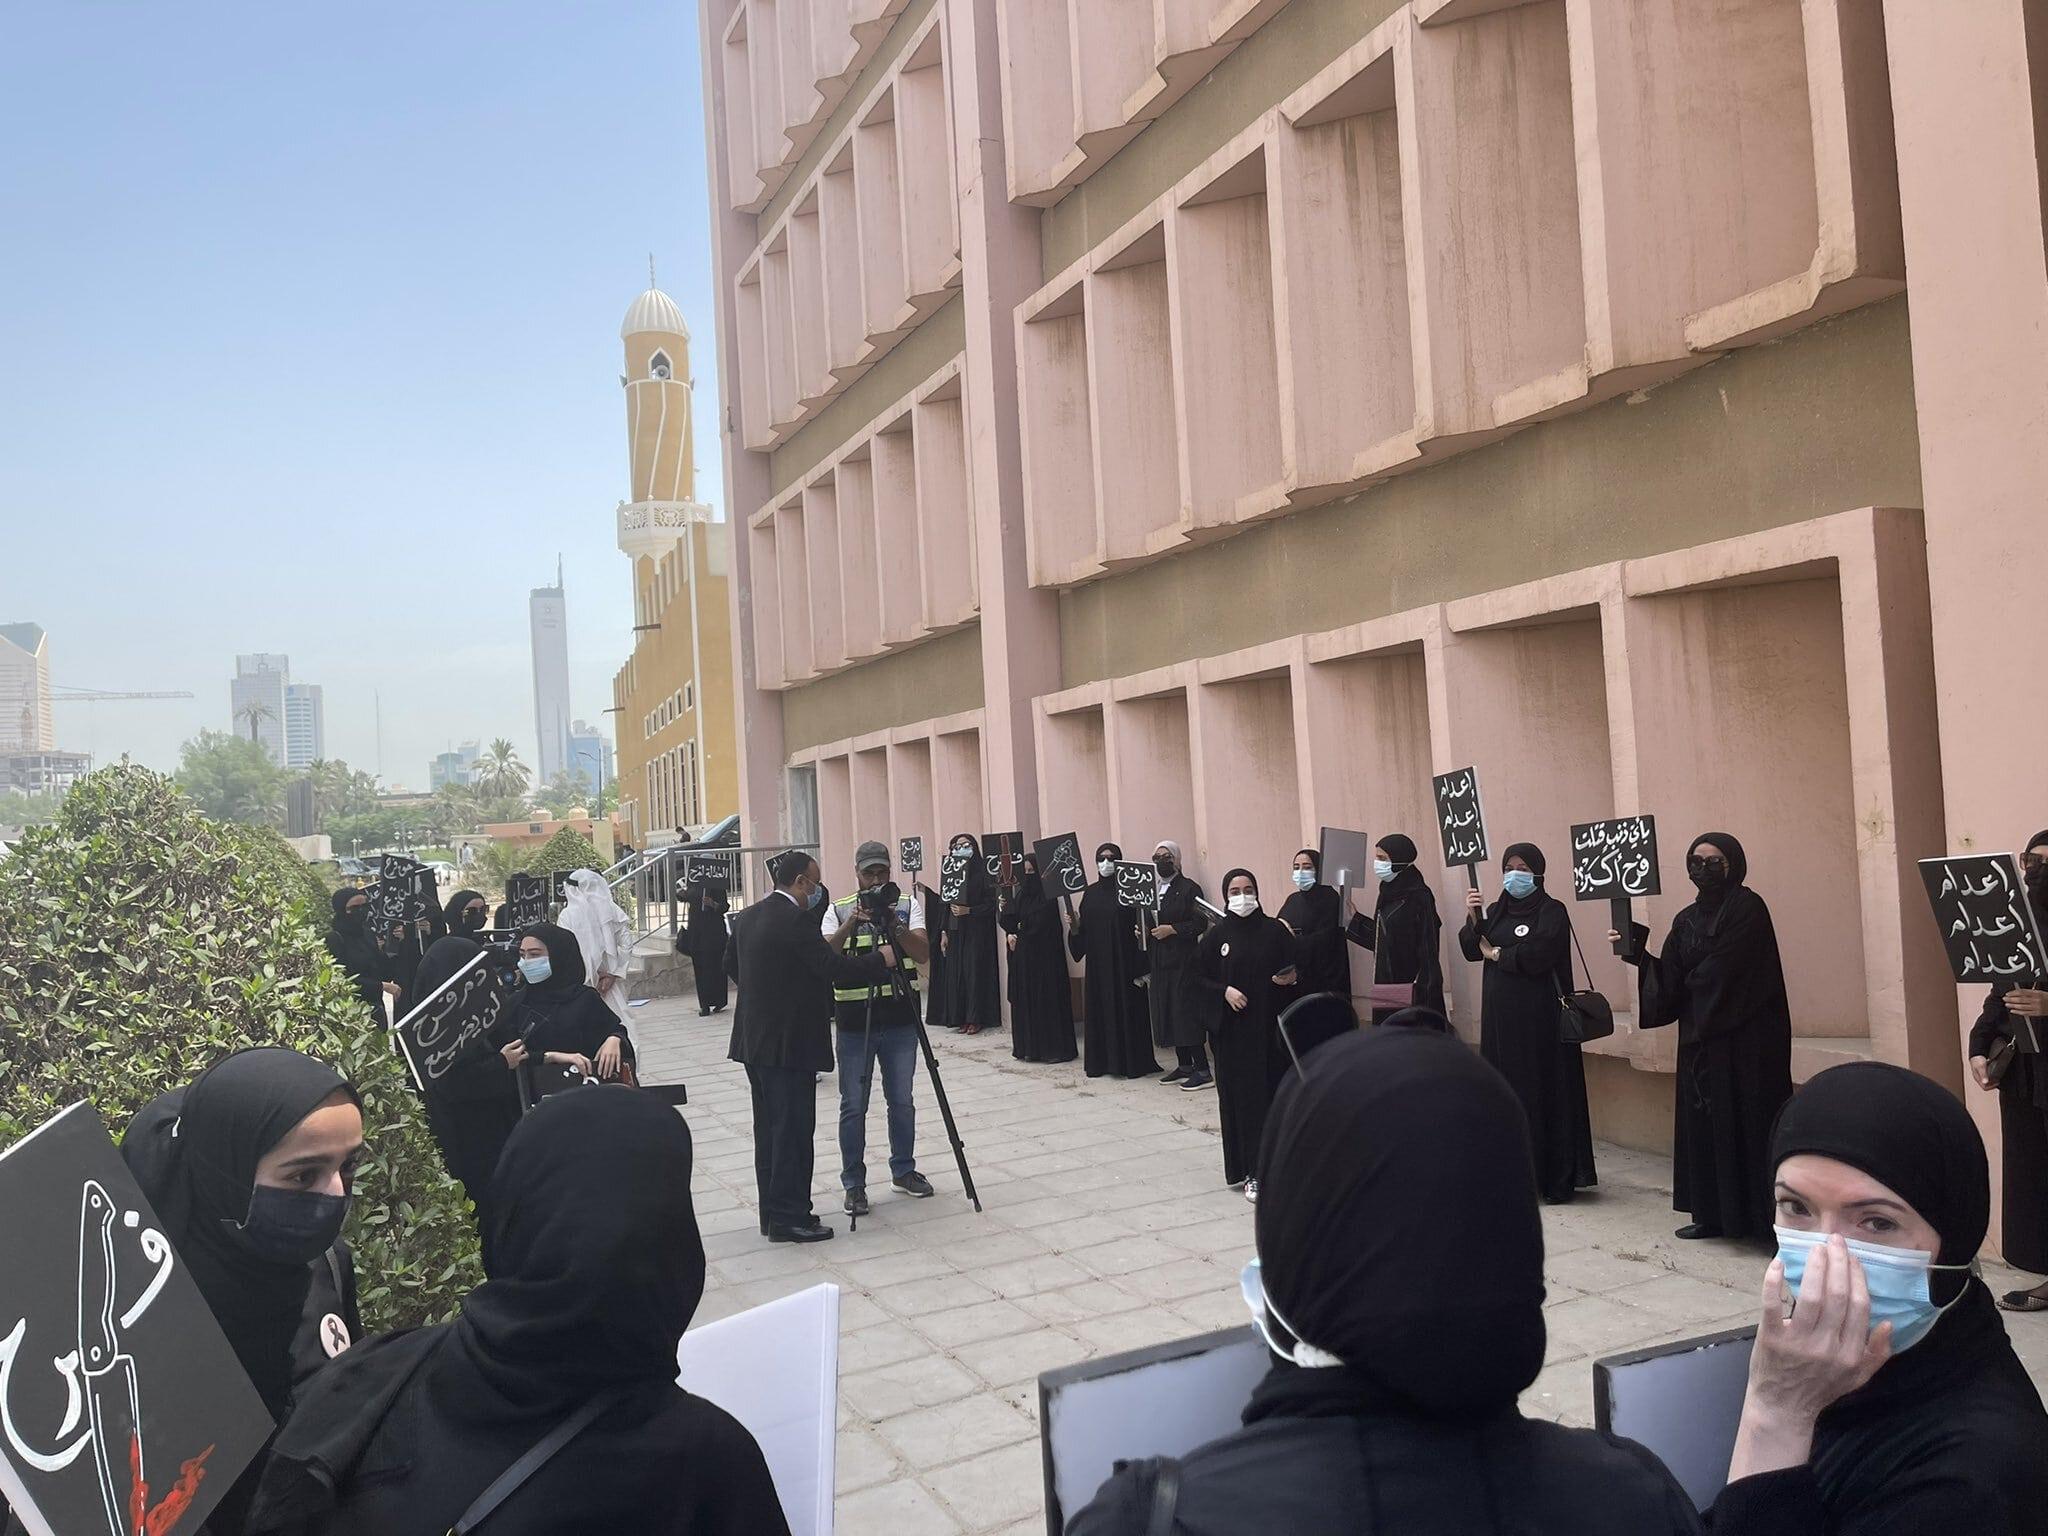 عدد من الحضور في ردهات المحكمة للمطالبة بإيقاع أقسى العقوبات على الجاني (مواقع التواصل الاجتماعي)